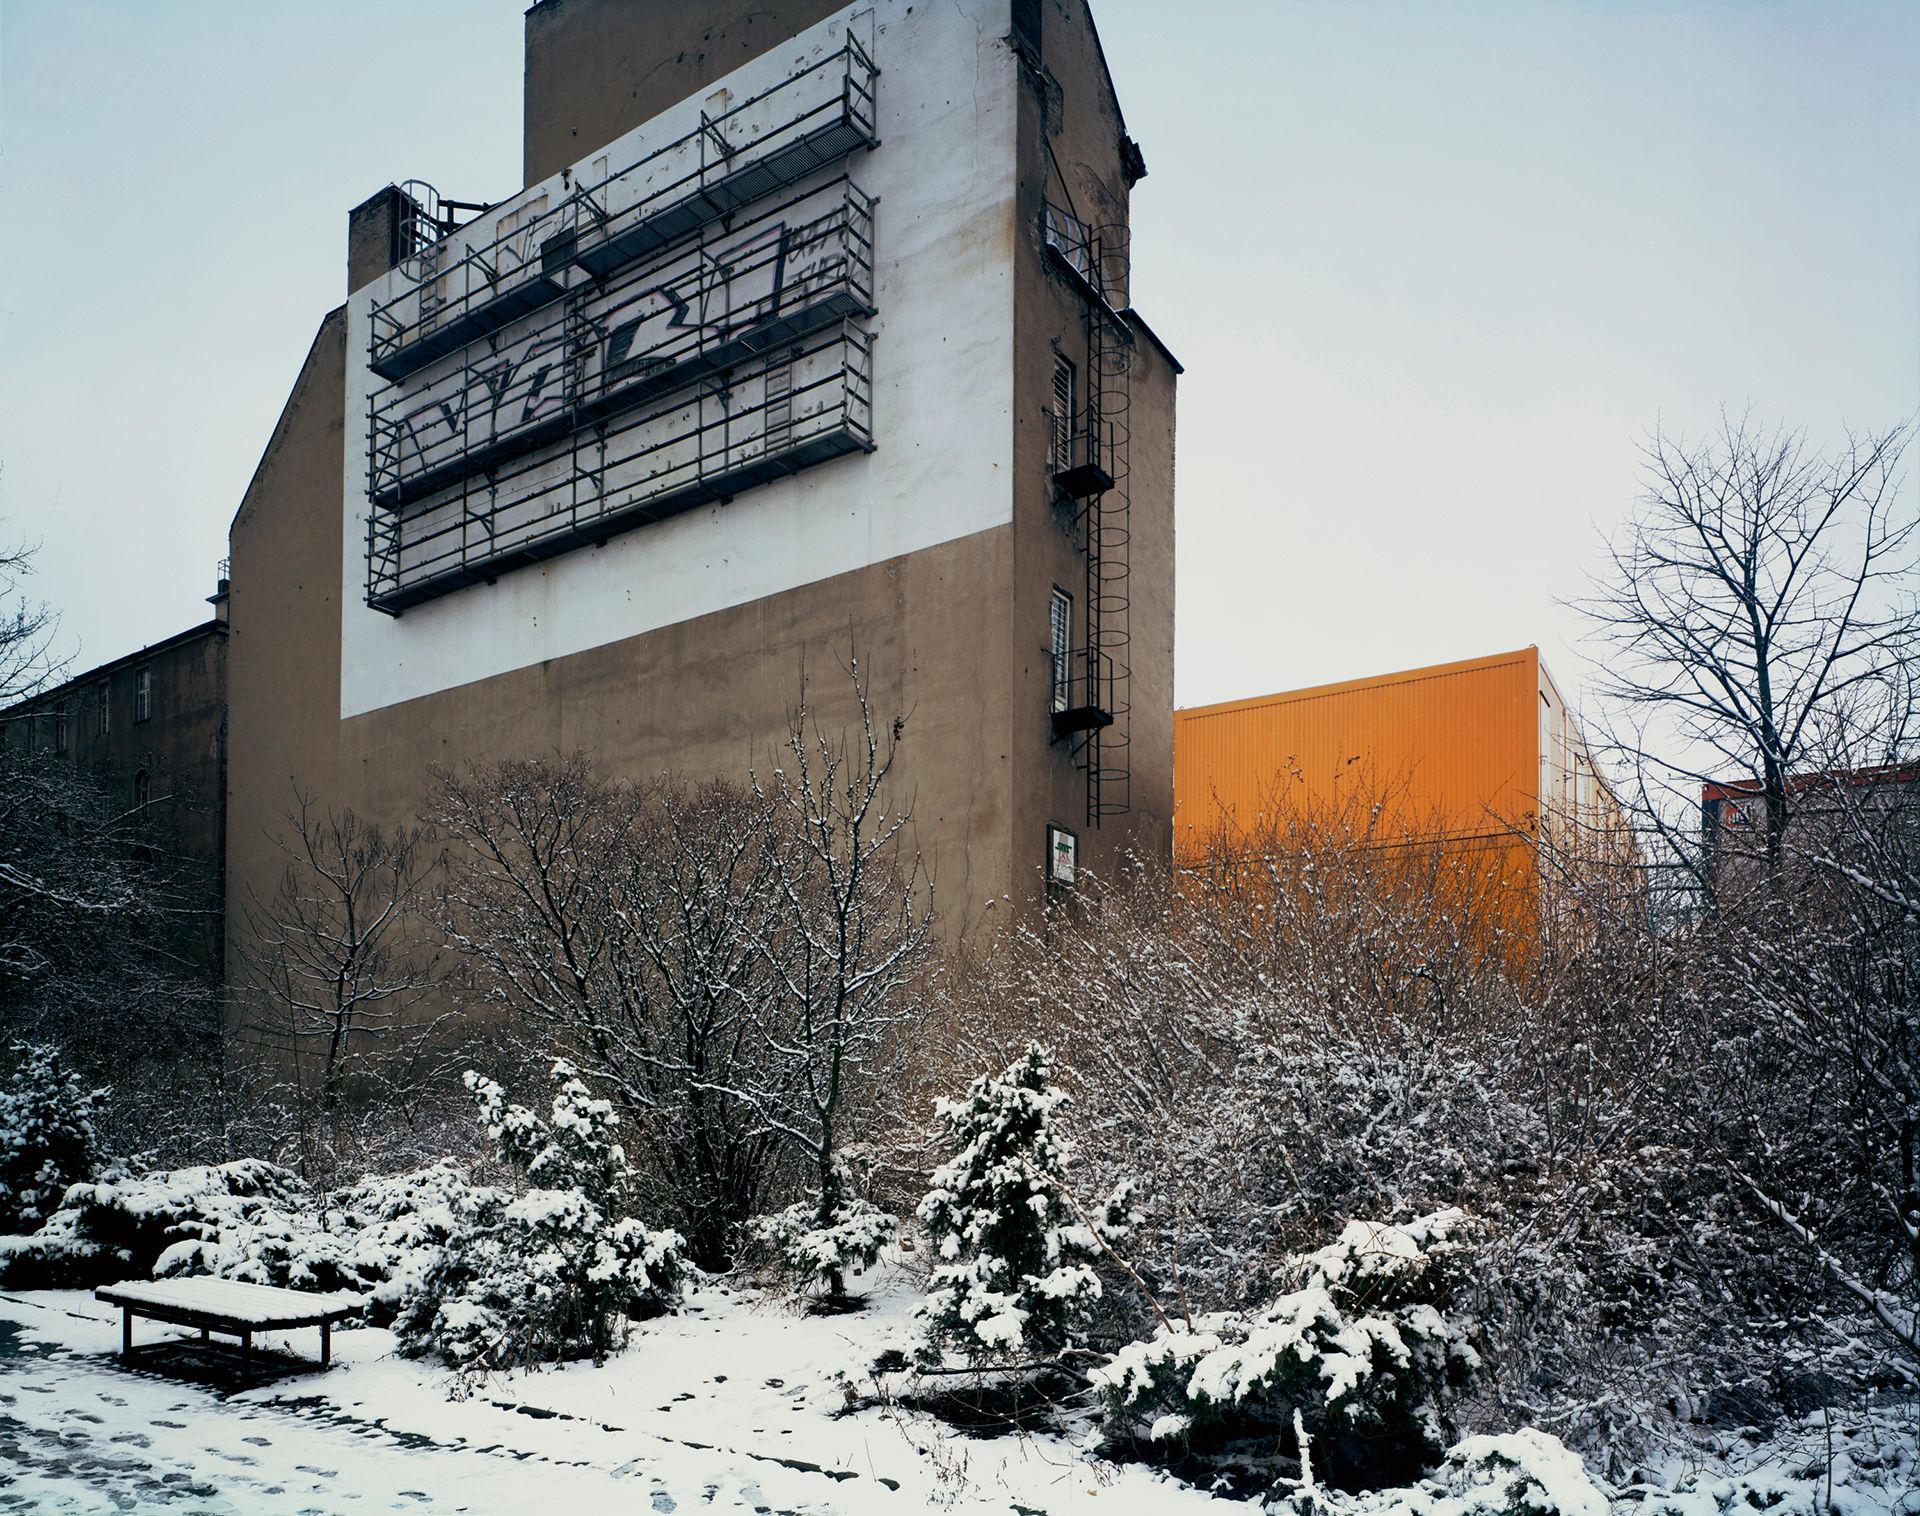 Snow in Park, Friedrich Strasse